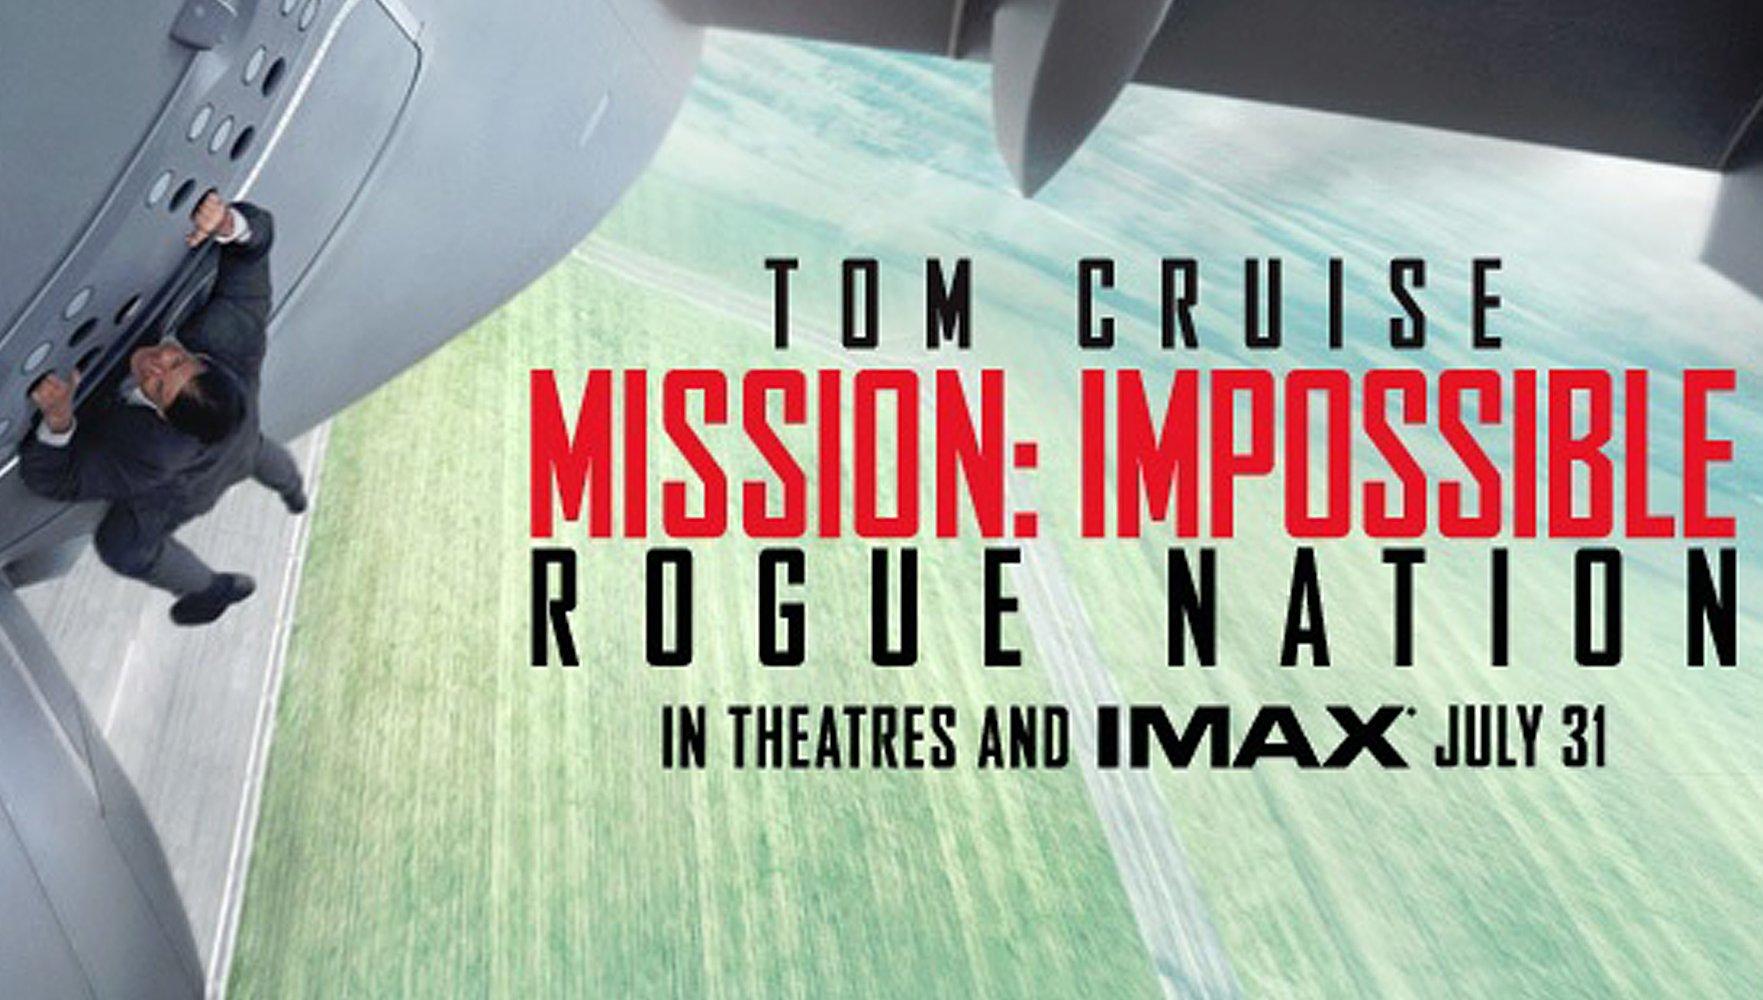 Mission: Impossible - Rogue Nation ou quand le Cruise control maintient l'erre d'aller sur la bonne voie!